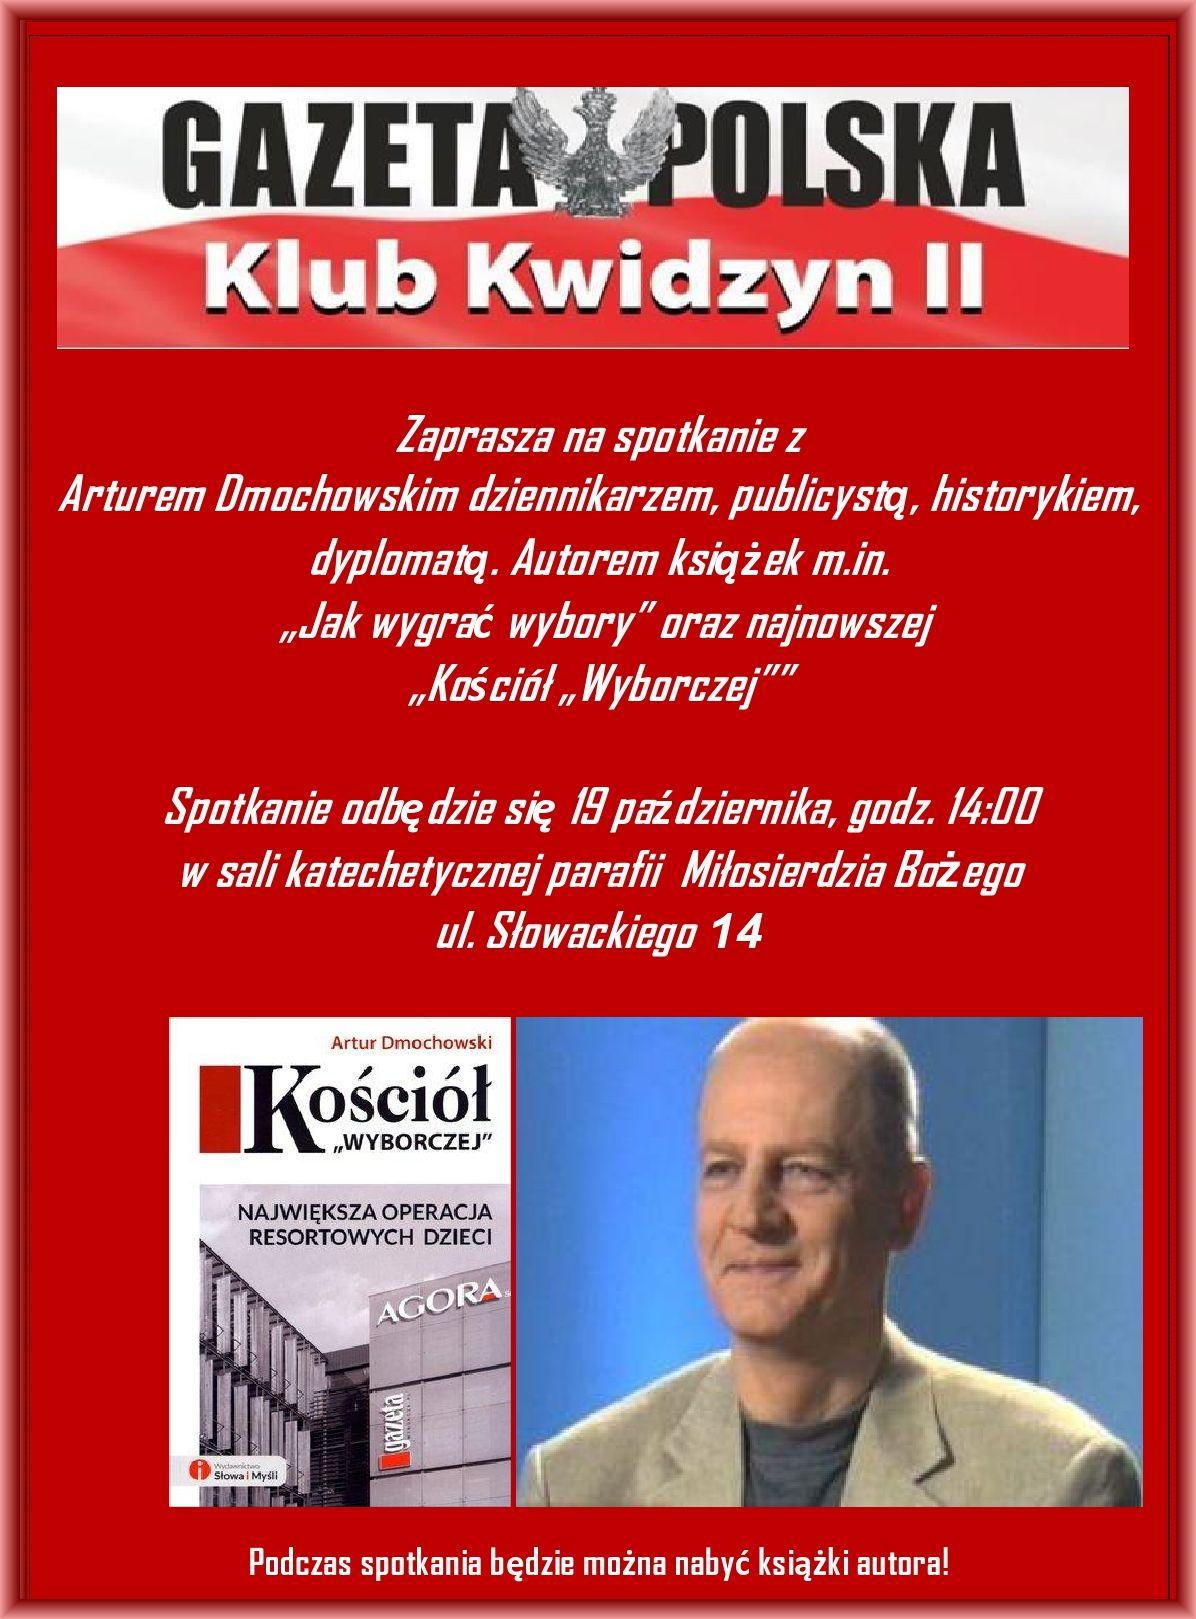 KwidzynII_Dmochowski